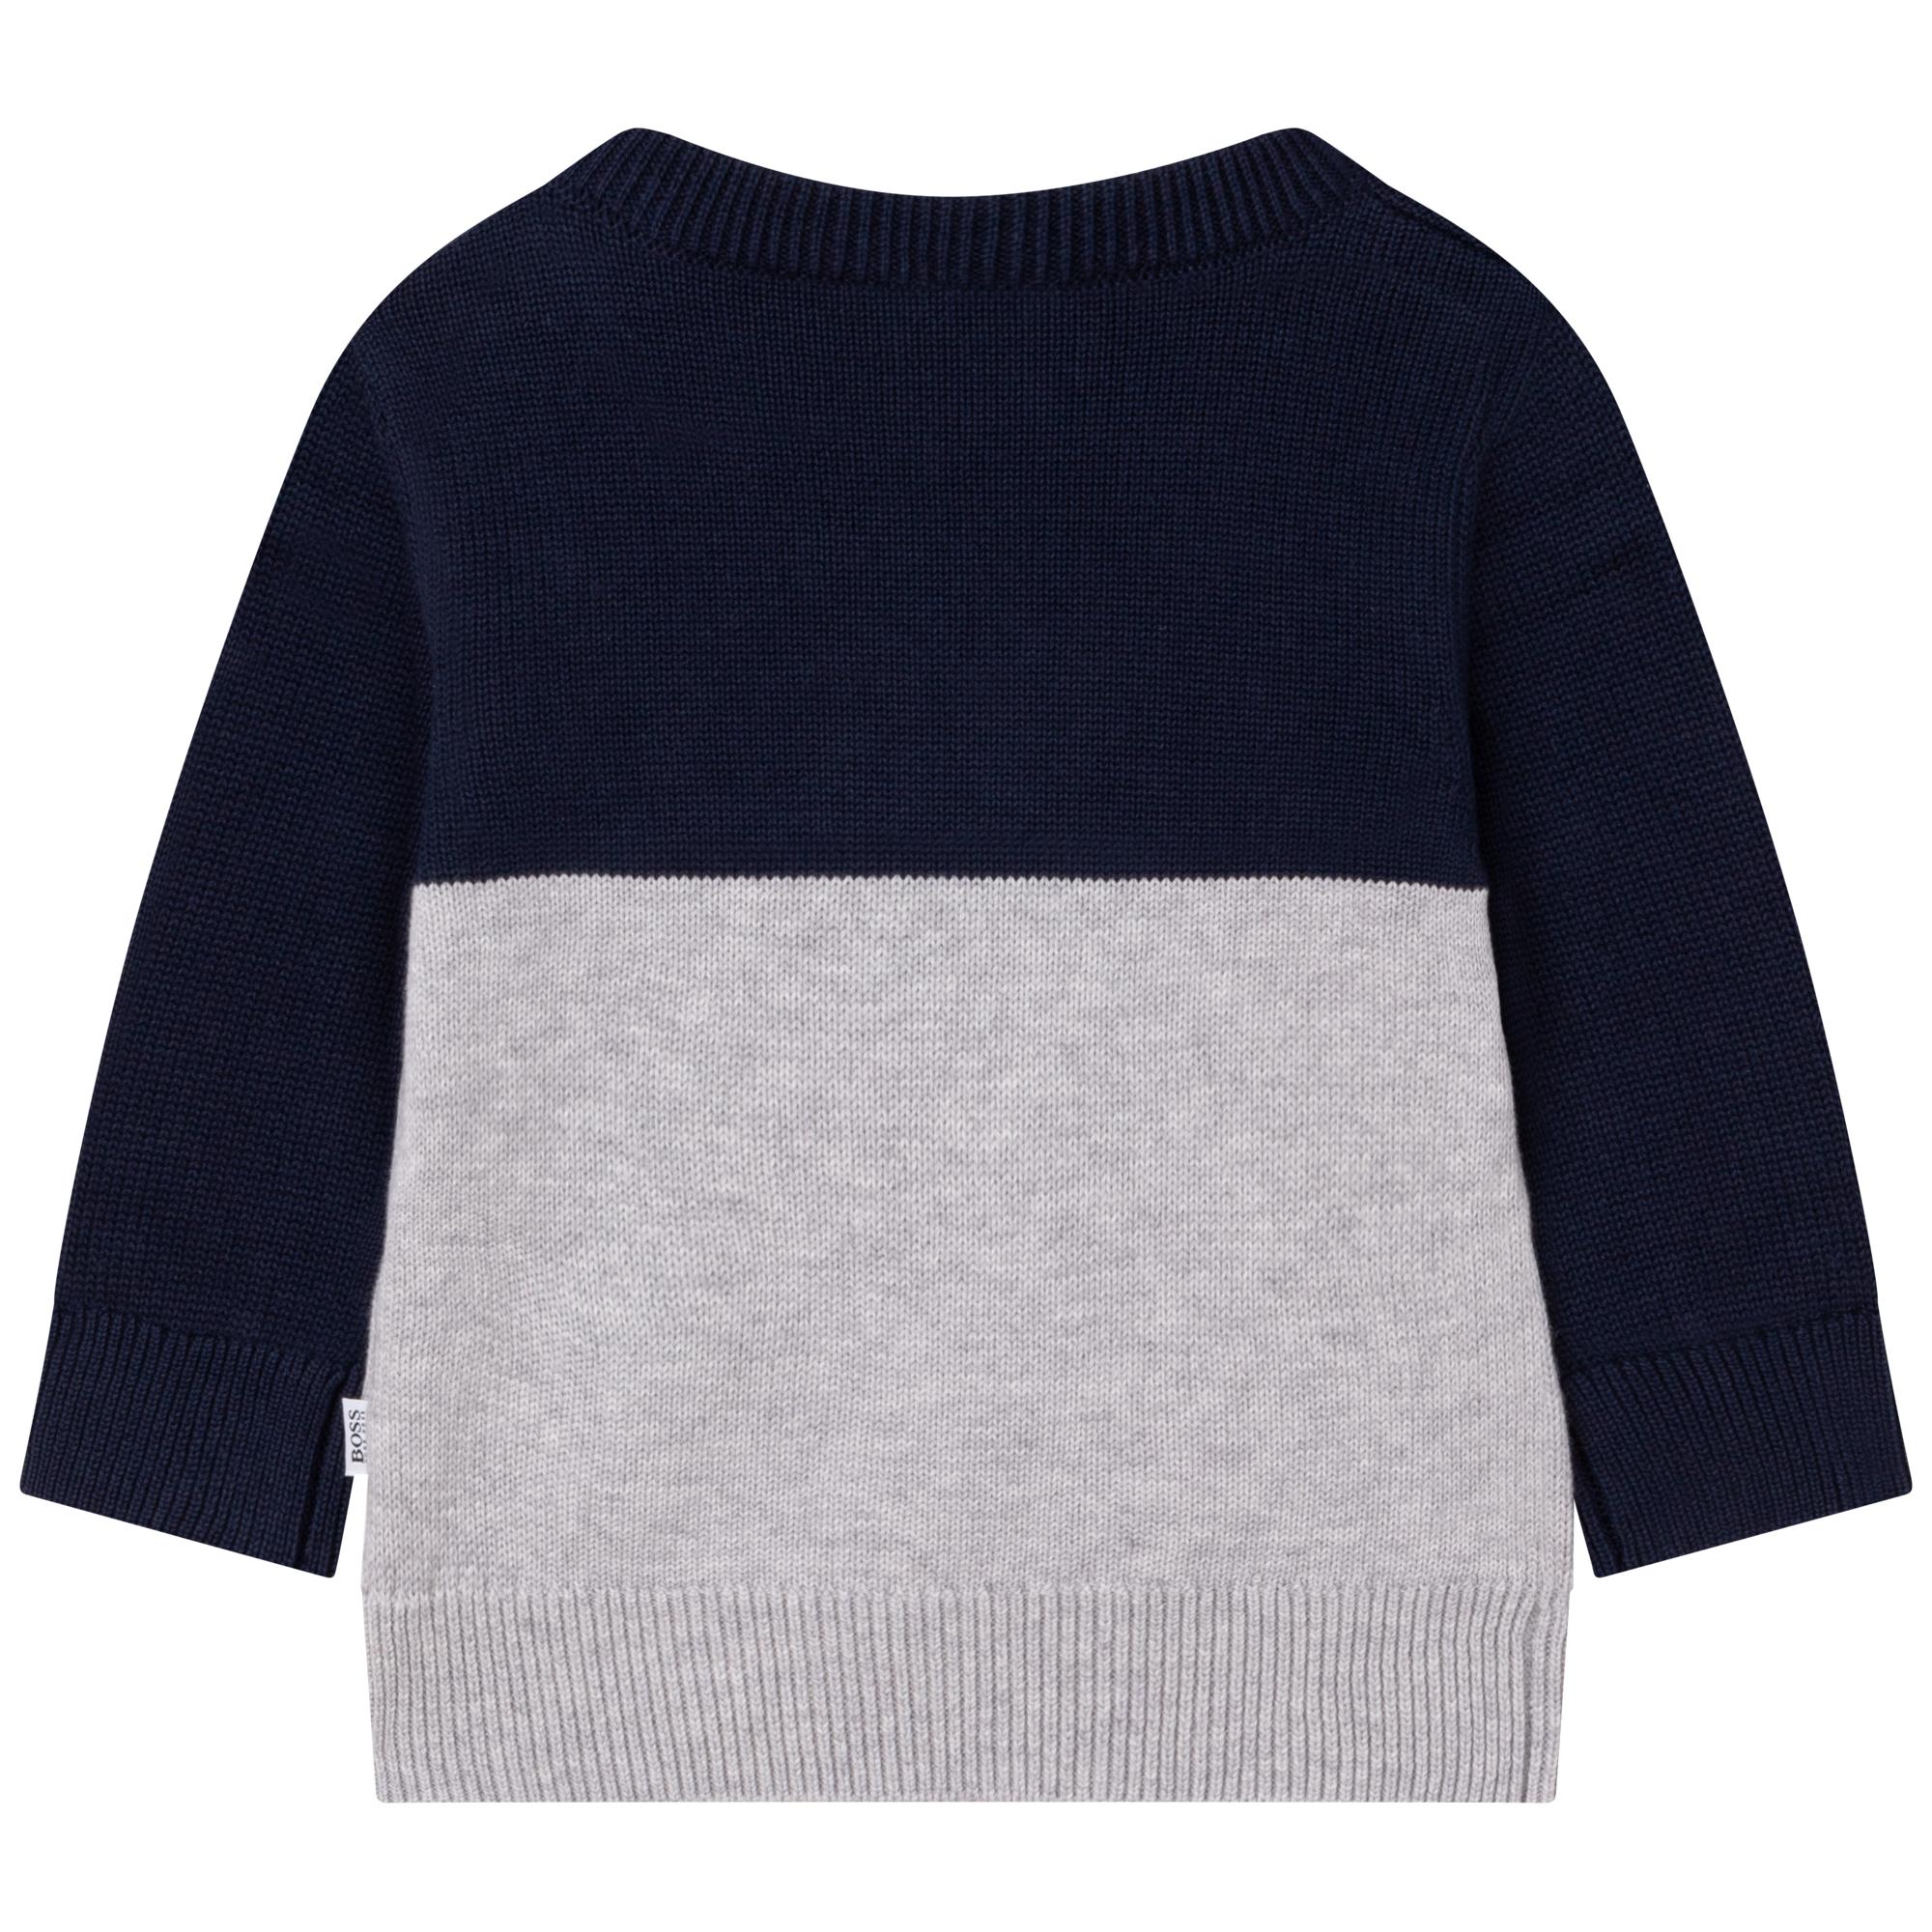 Pull tricoté 1% coton peigné BOSS pour GARCON